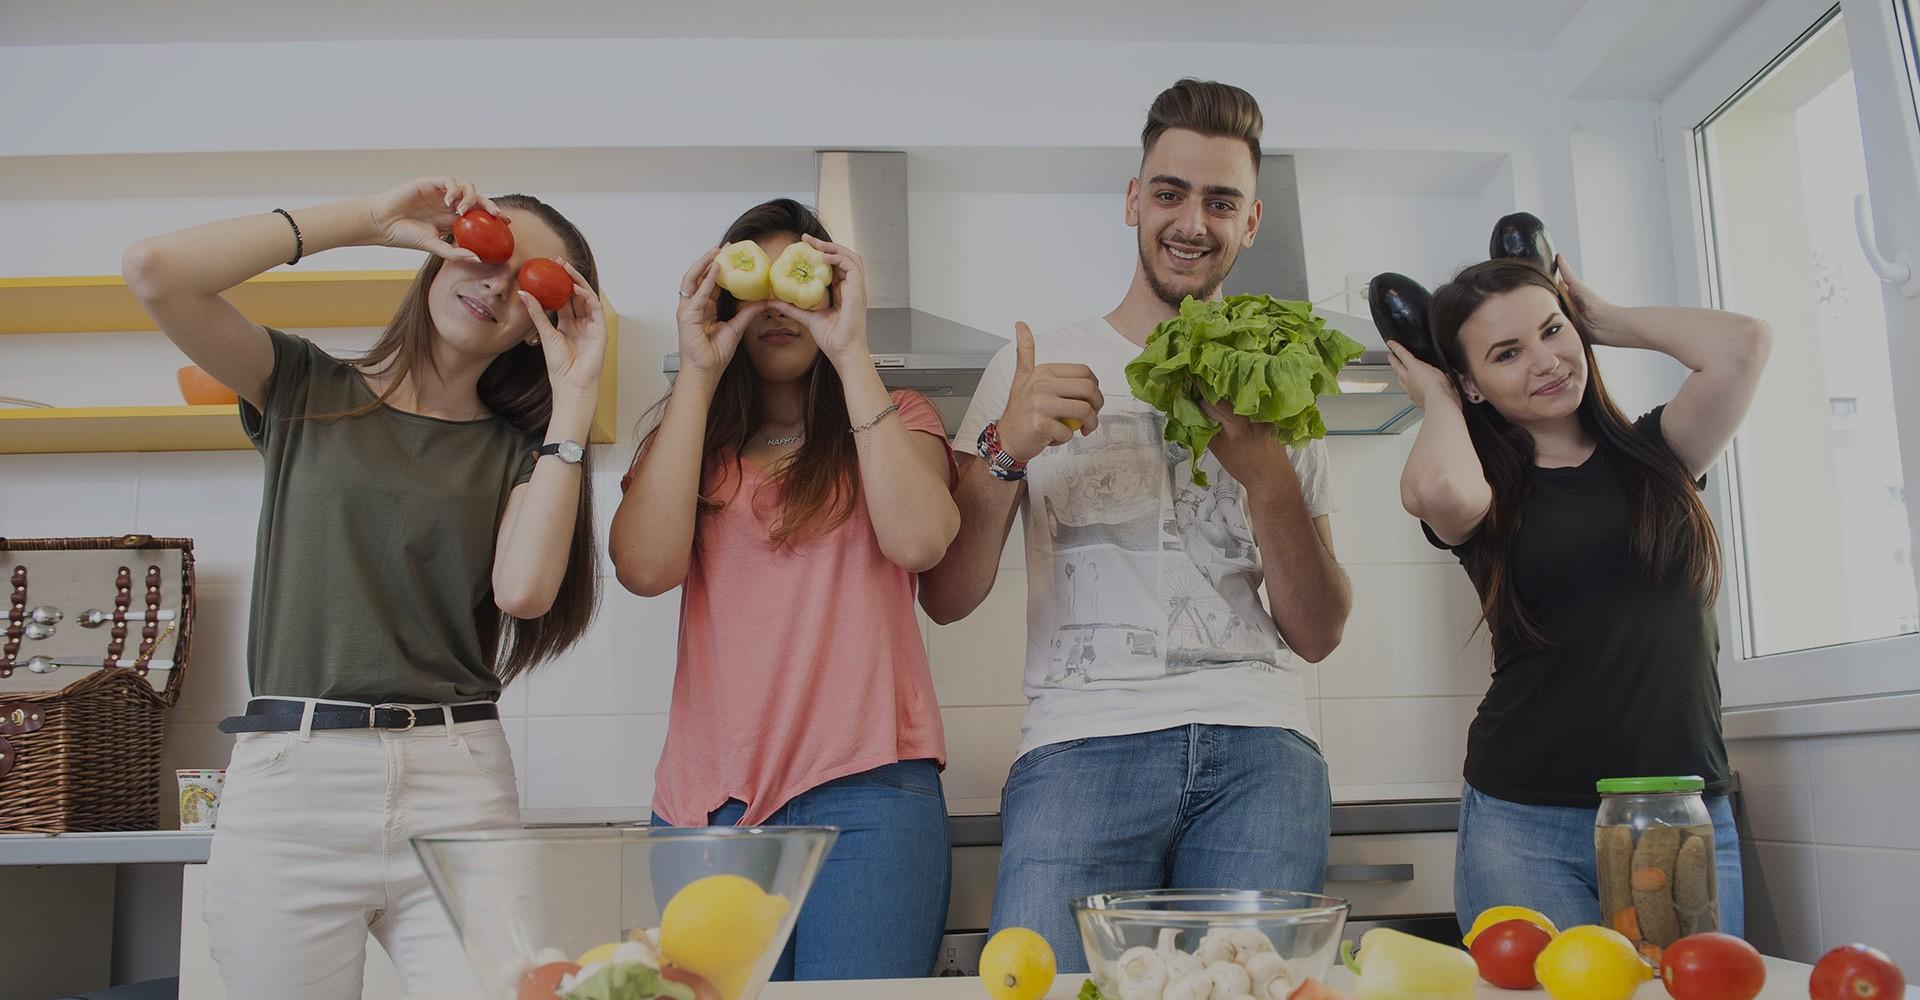 Studenți într-una din bucătăriile utilate din căminele studențești Arcca București